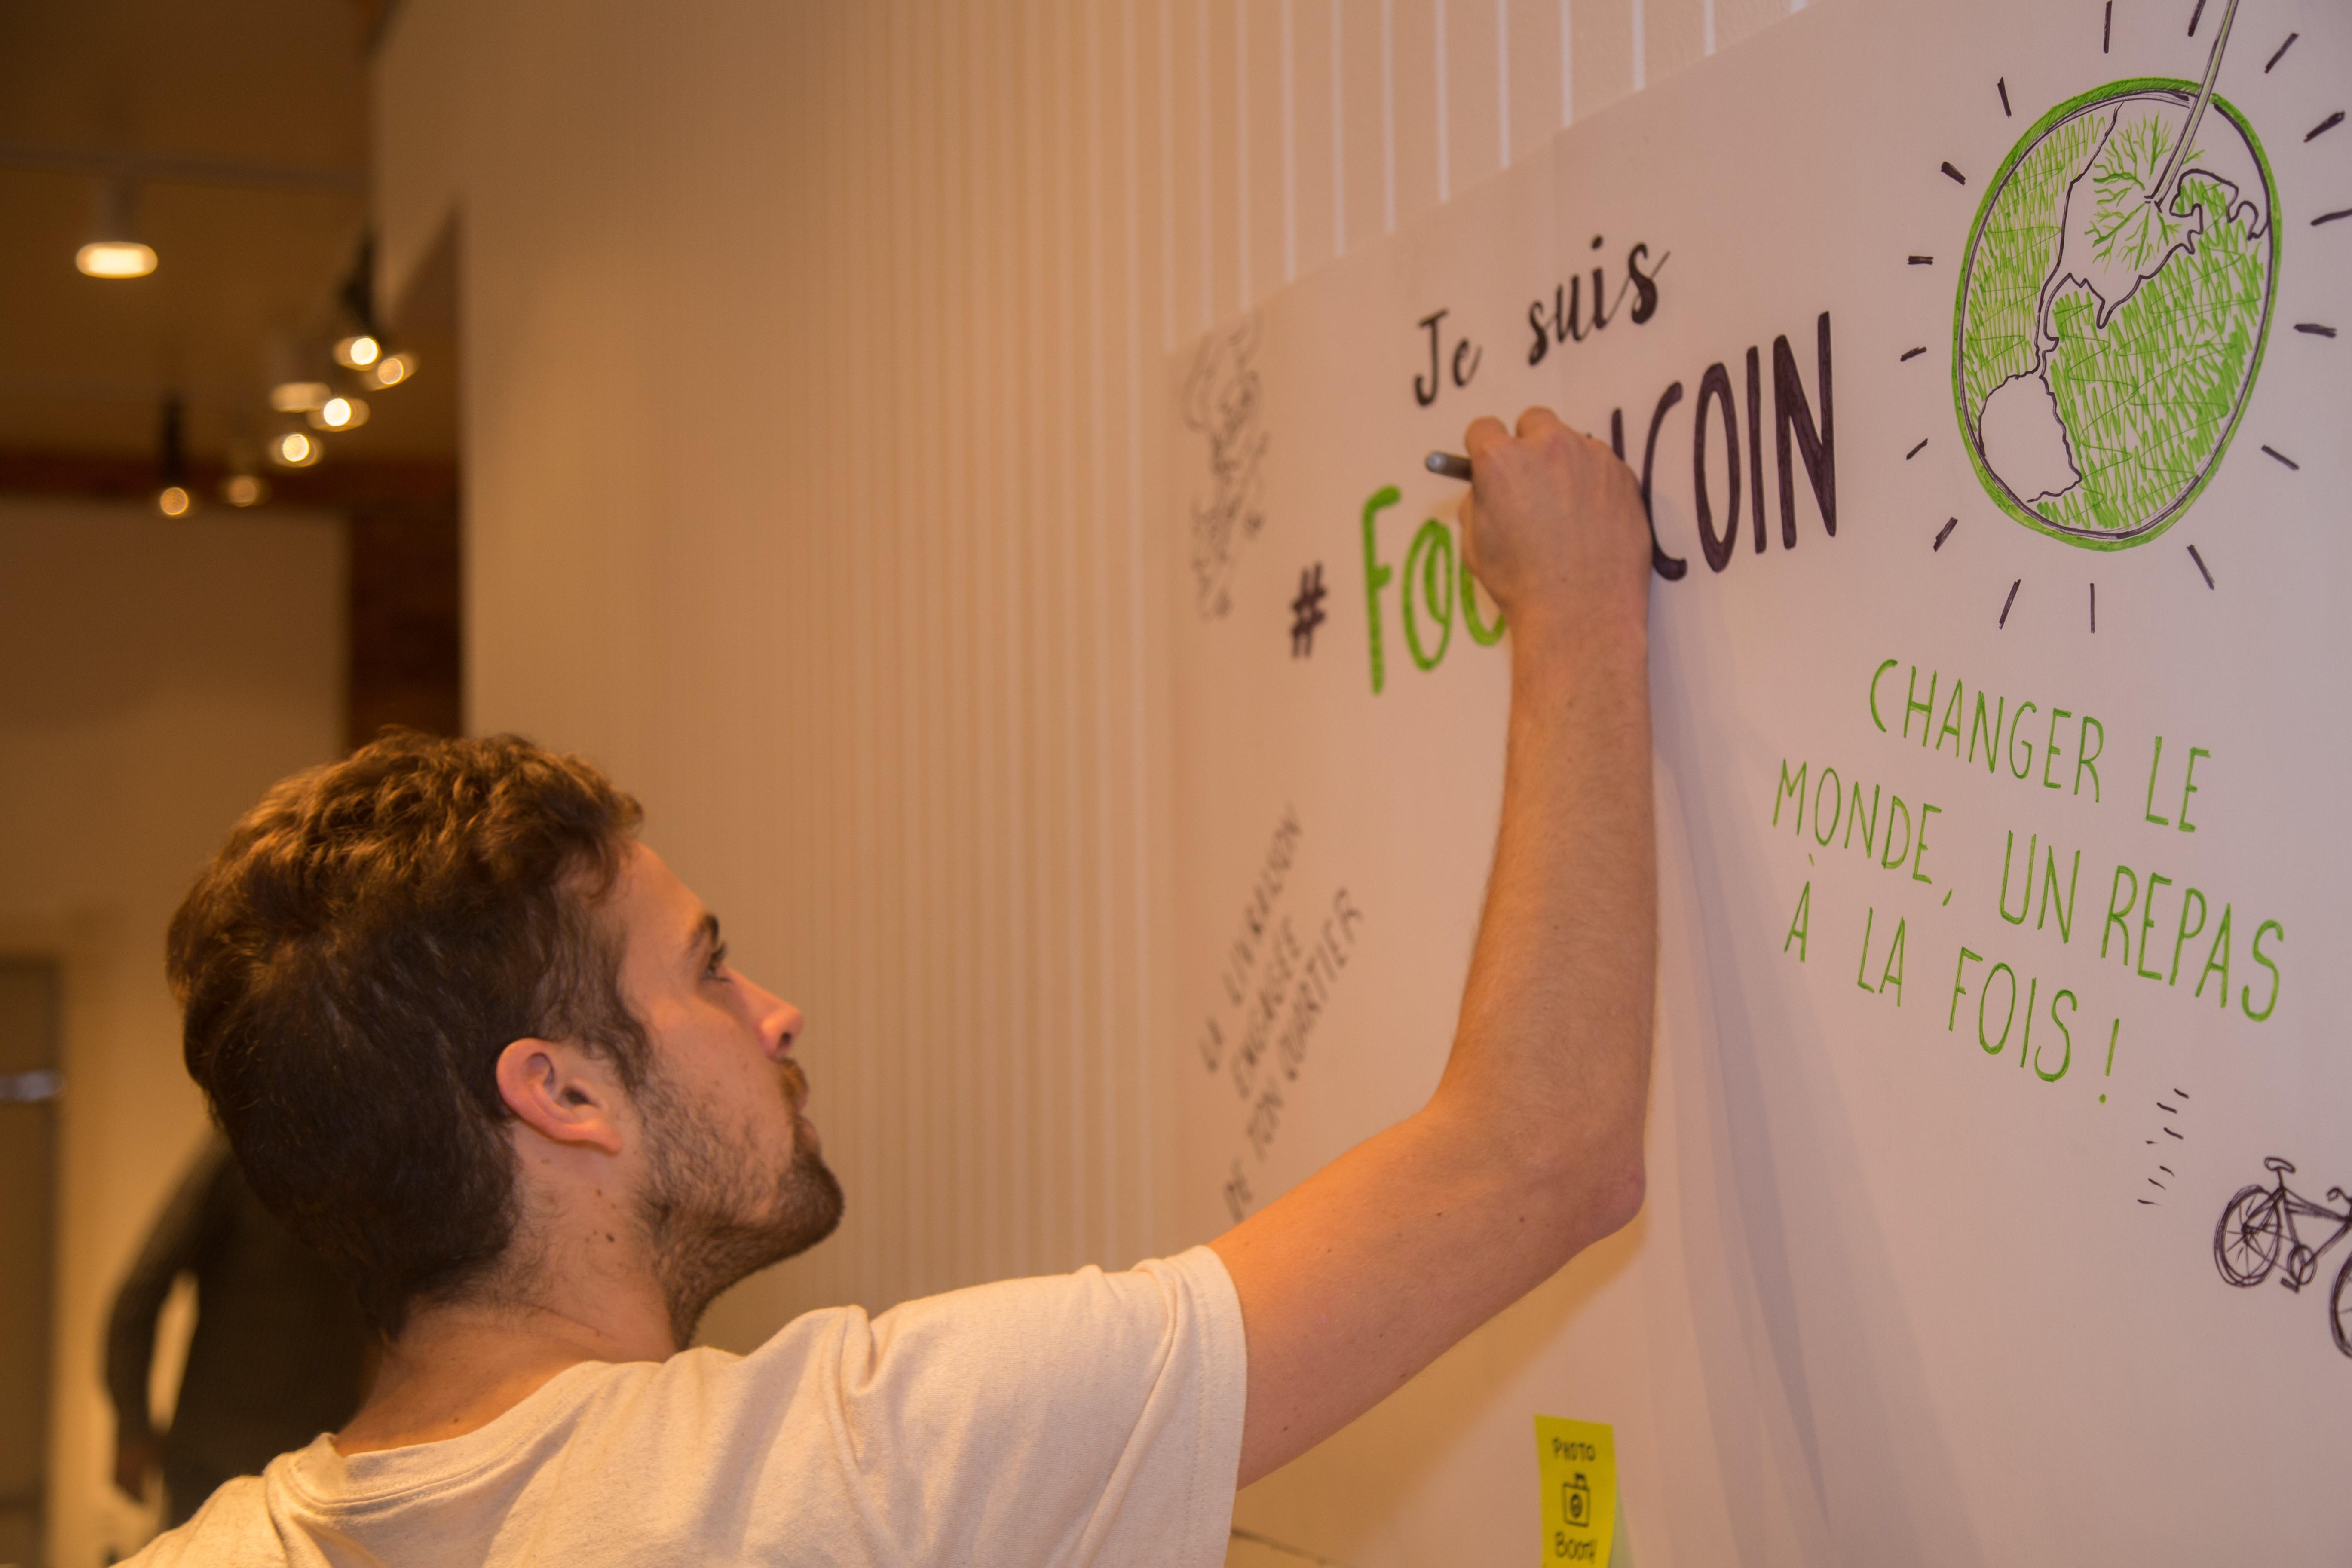 Fooducoin lance une campagne de sociofinancement pour dynamiser l'économie locale et durable